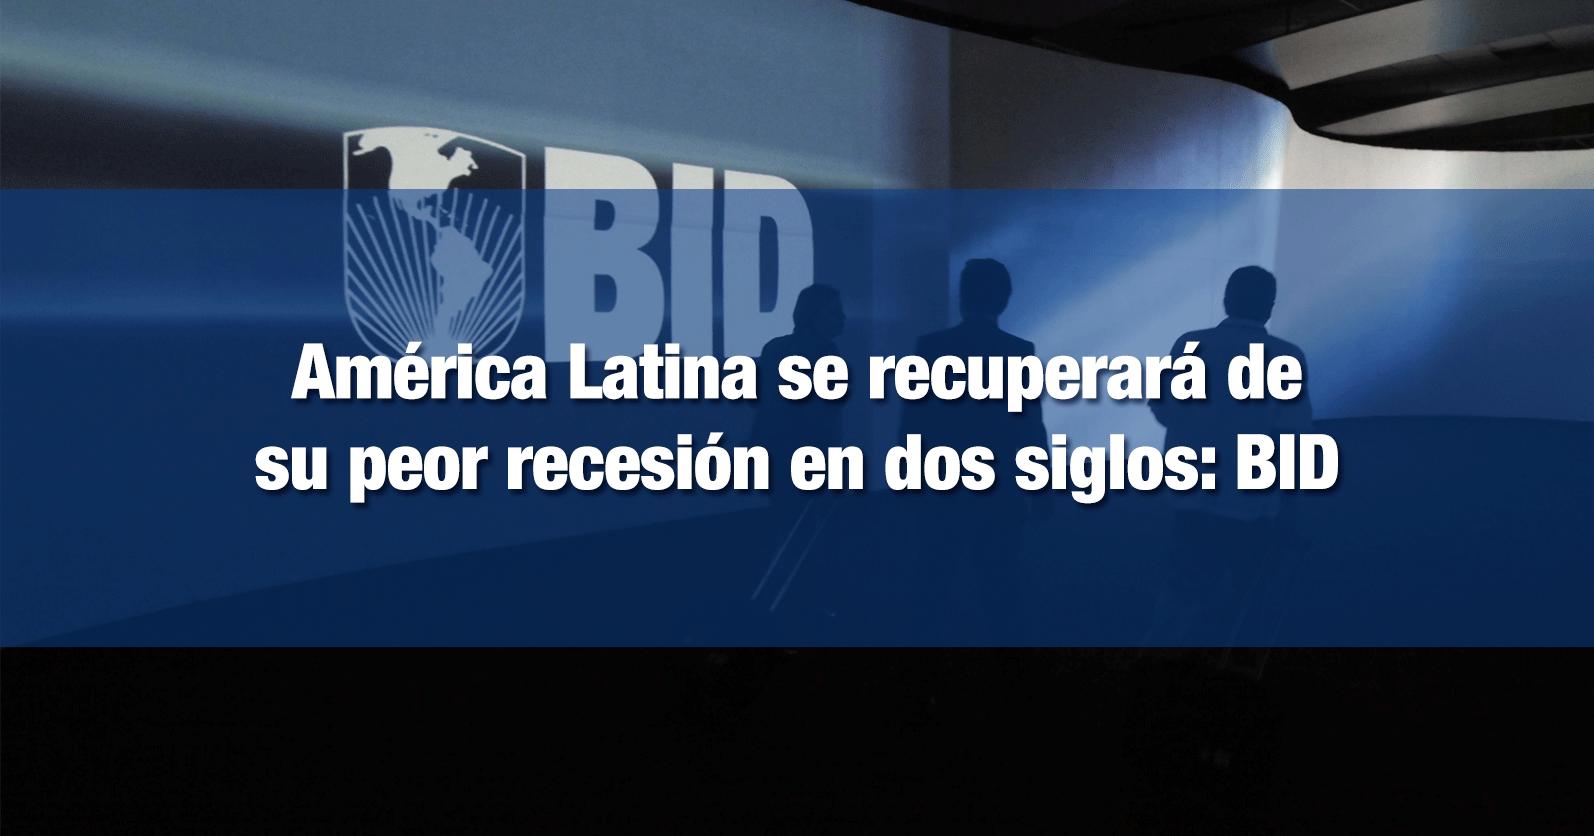 América Latina se recuperará de su peor recesión en dos siglos: BID